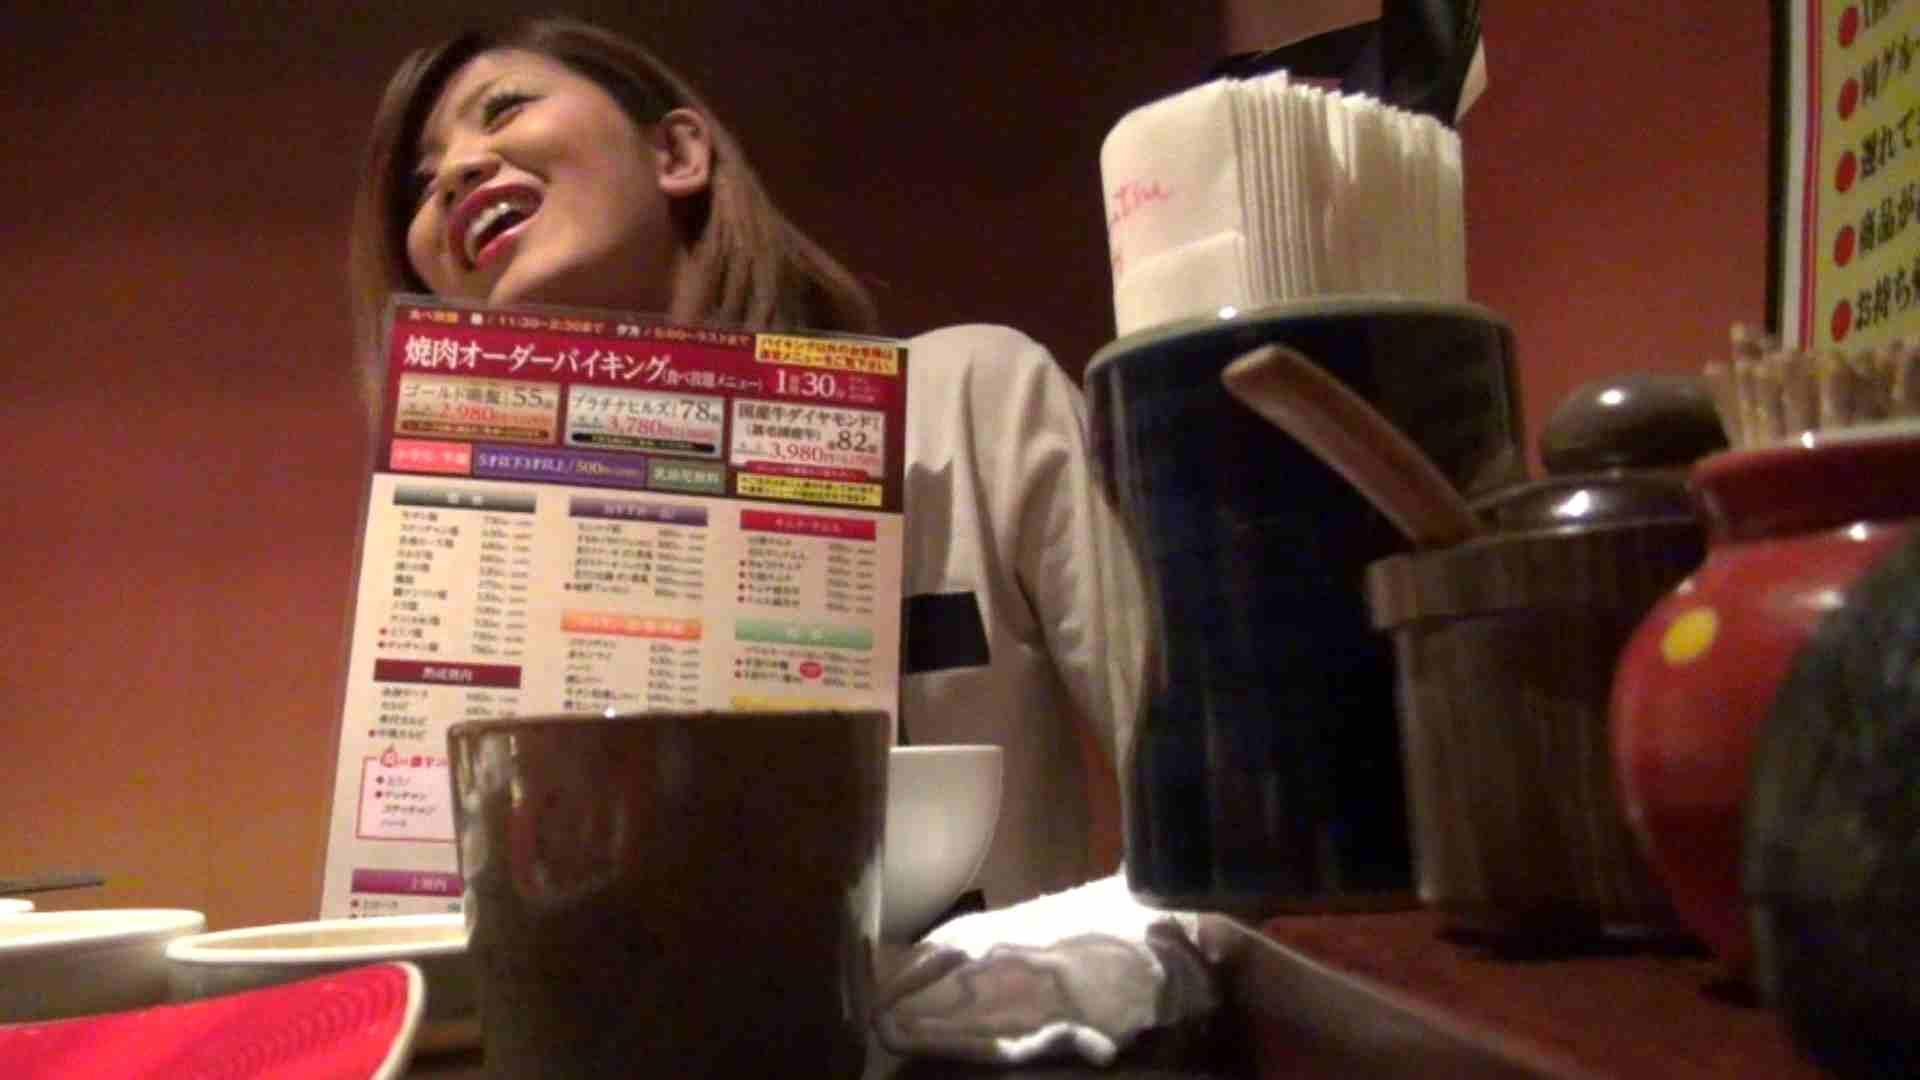 【出会い01】大助さんMちゃんと食事会 友人 | 悪戯  74連発 9